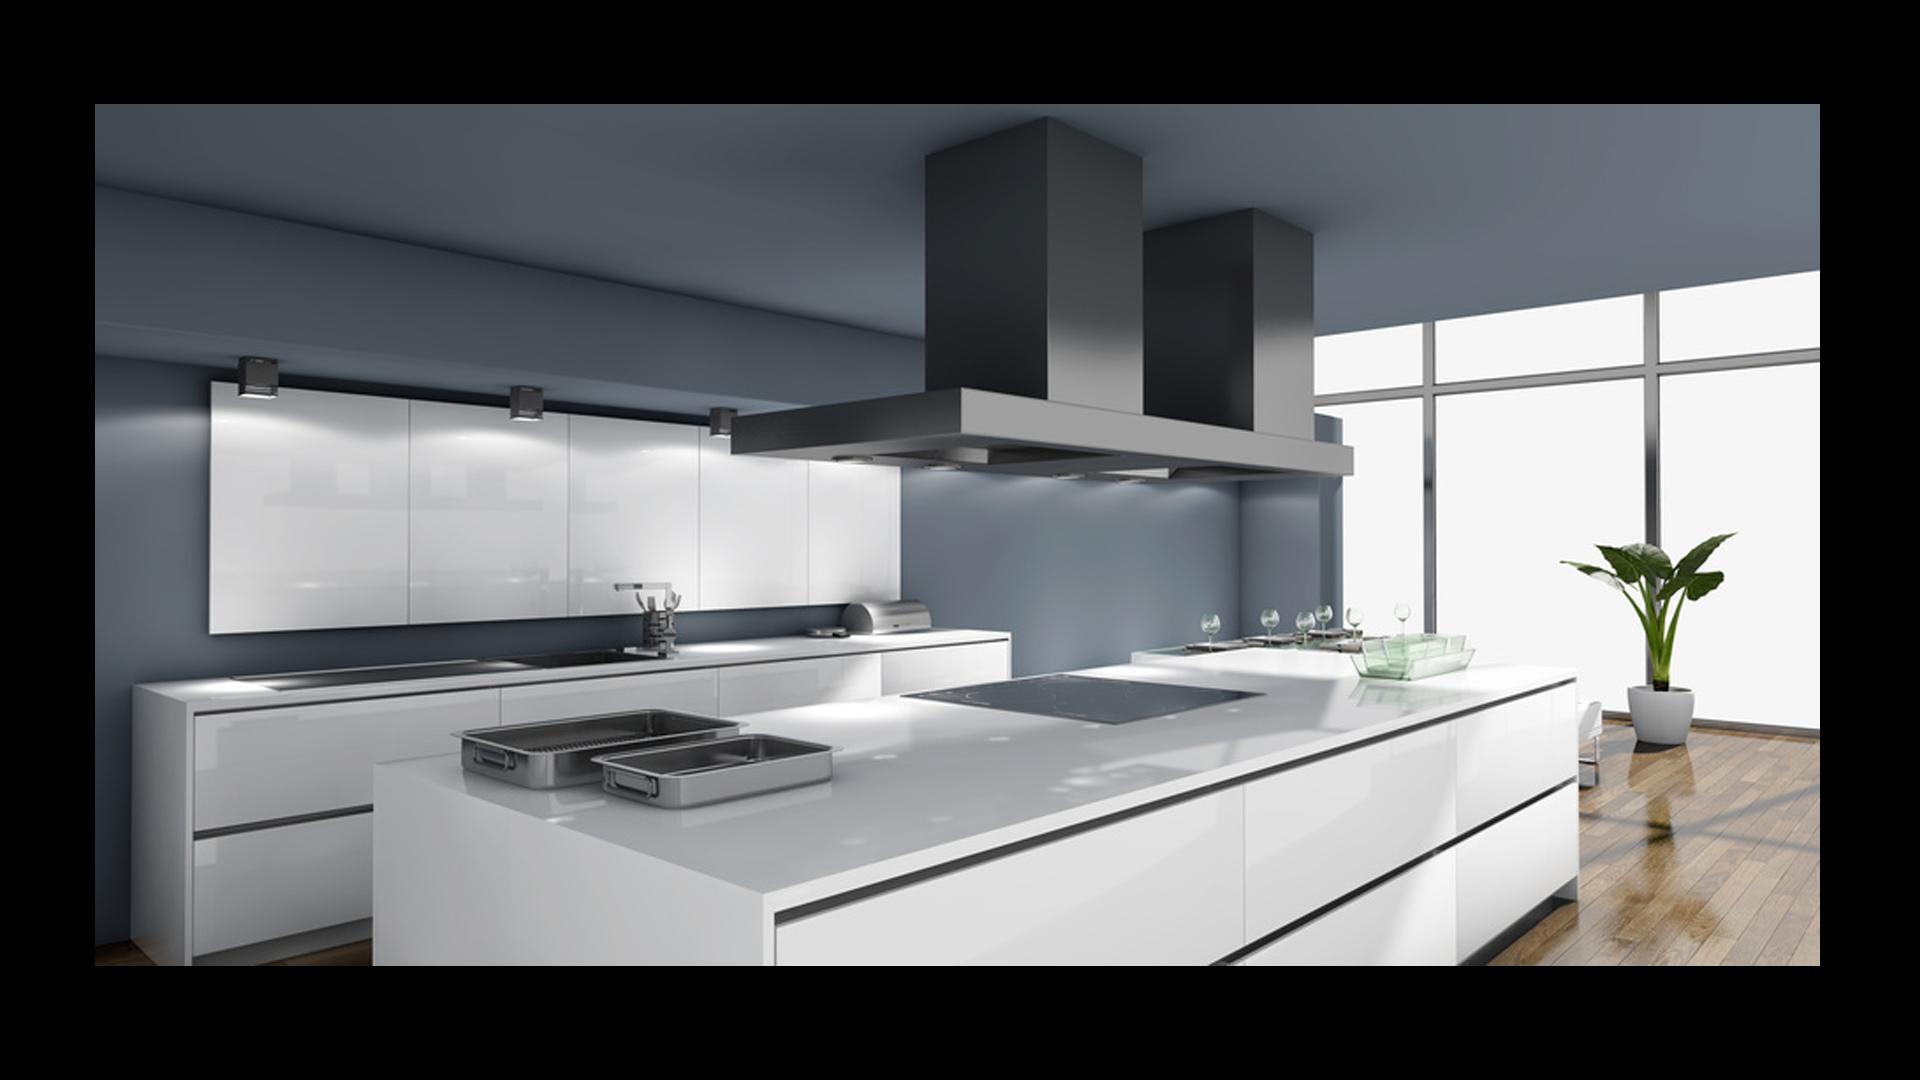 nowoczesna kuchnia • Modne Wnętrza -> Kuchnia Prowansalska Nowoczesna